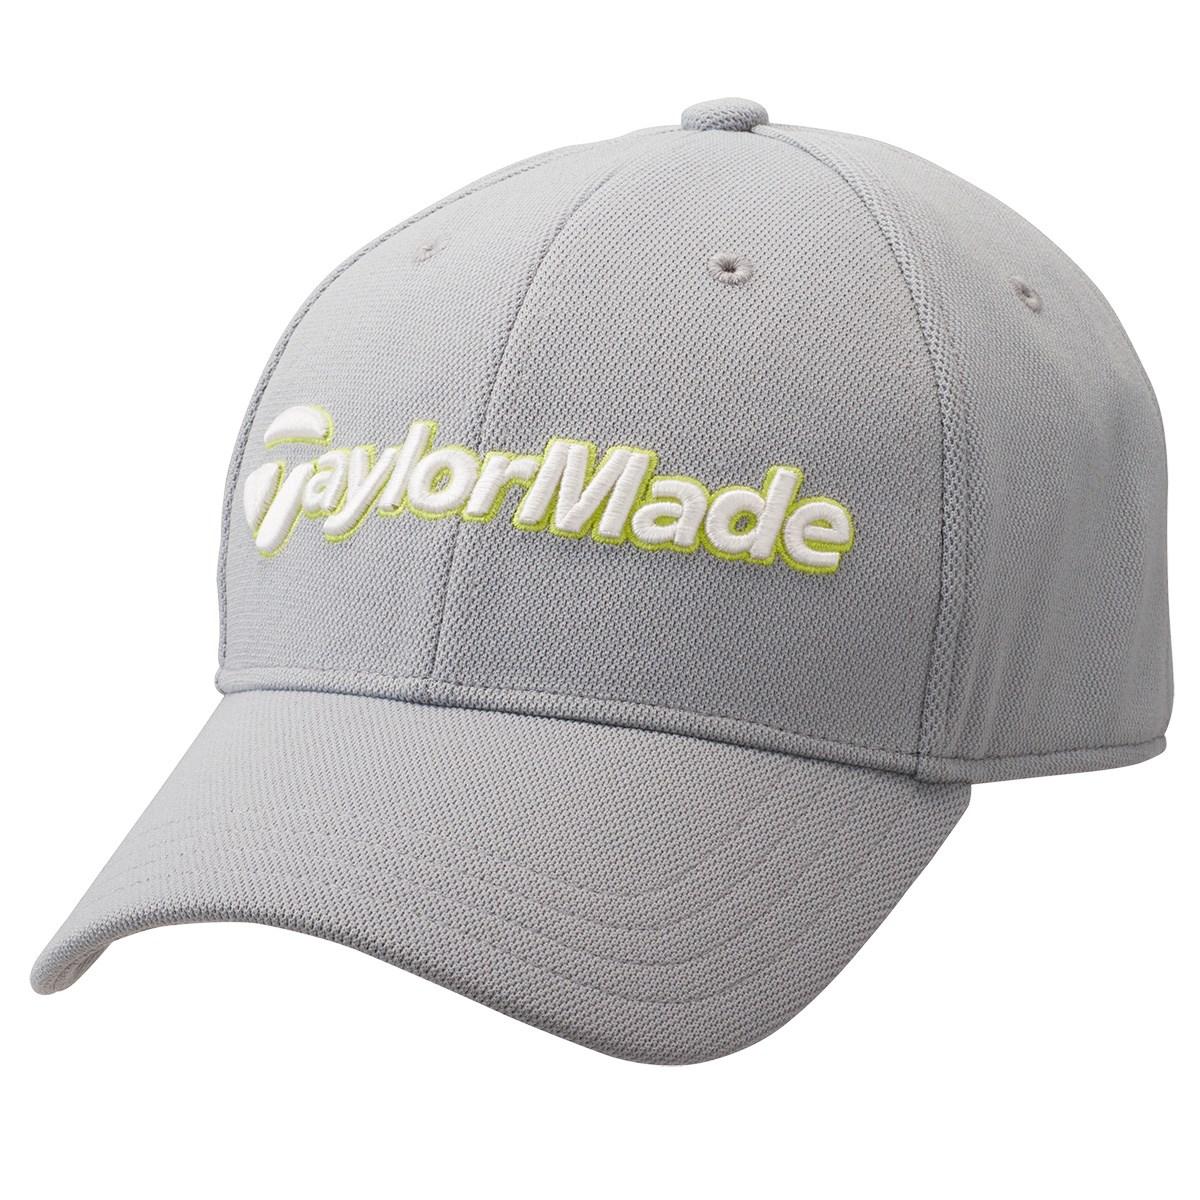 テーラーメイド(Taylor Made) ウィンターキャップ